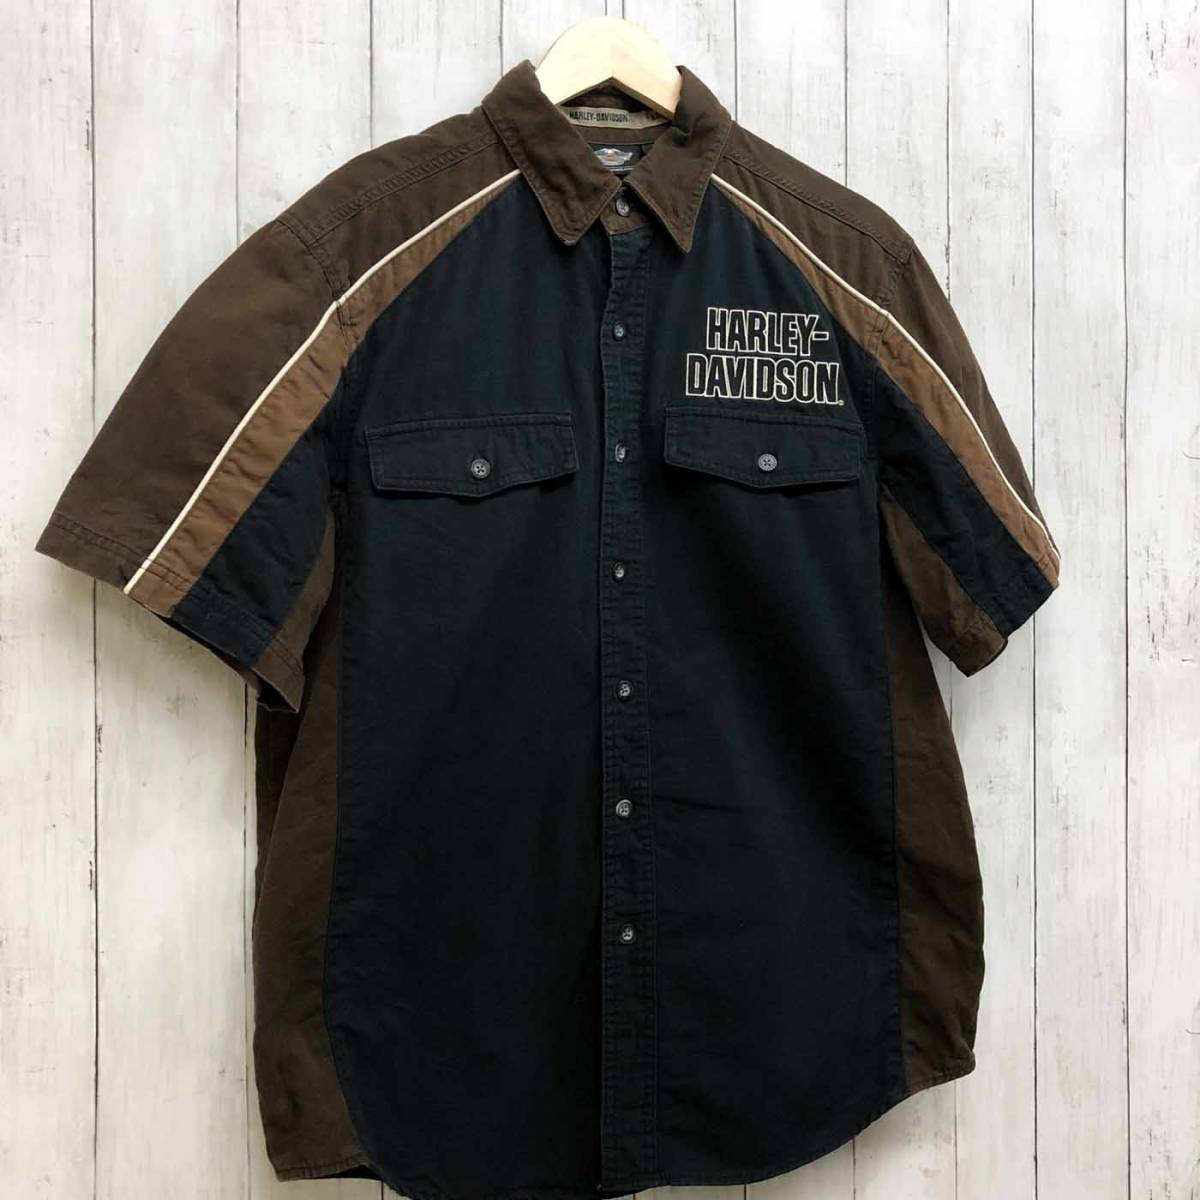 HARLEY DAVIDSON ハーレーダビッドソン 古着 半袖シャツ メンズ コットン100% Mサイズ 9-66_画像3